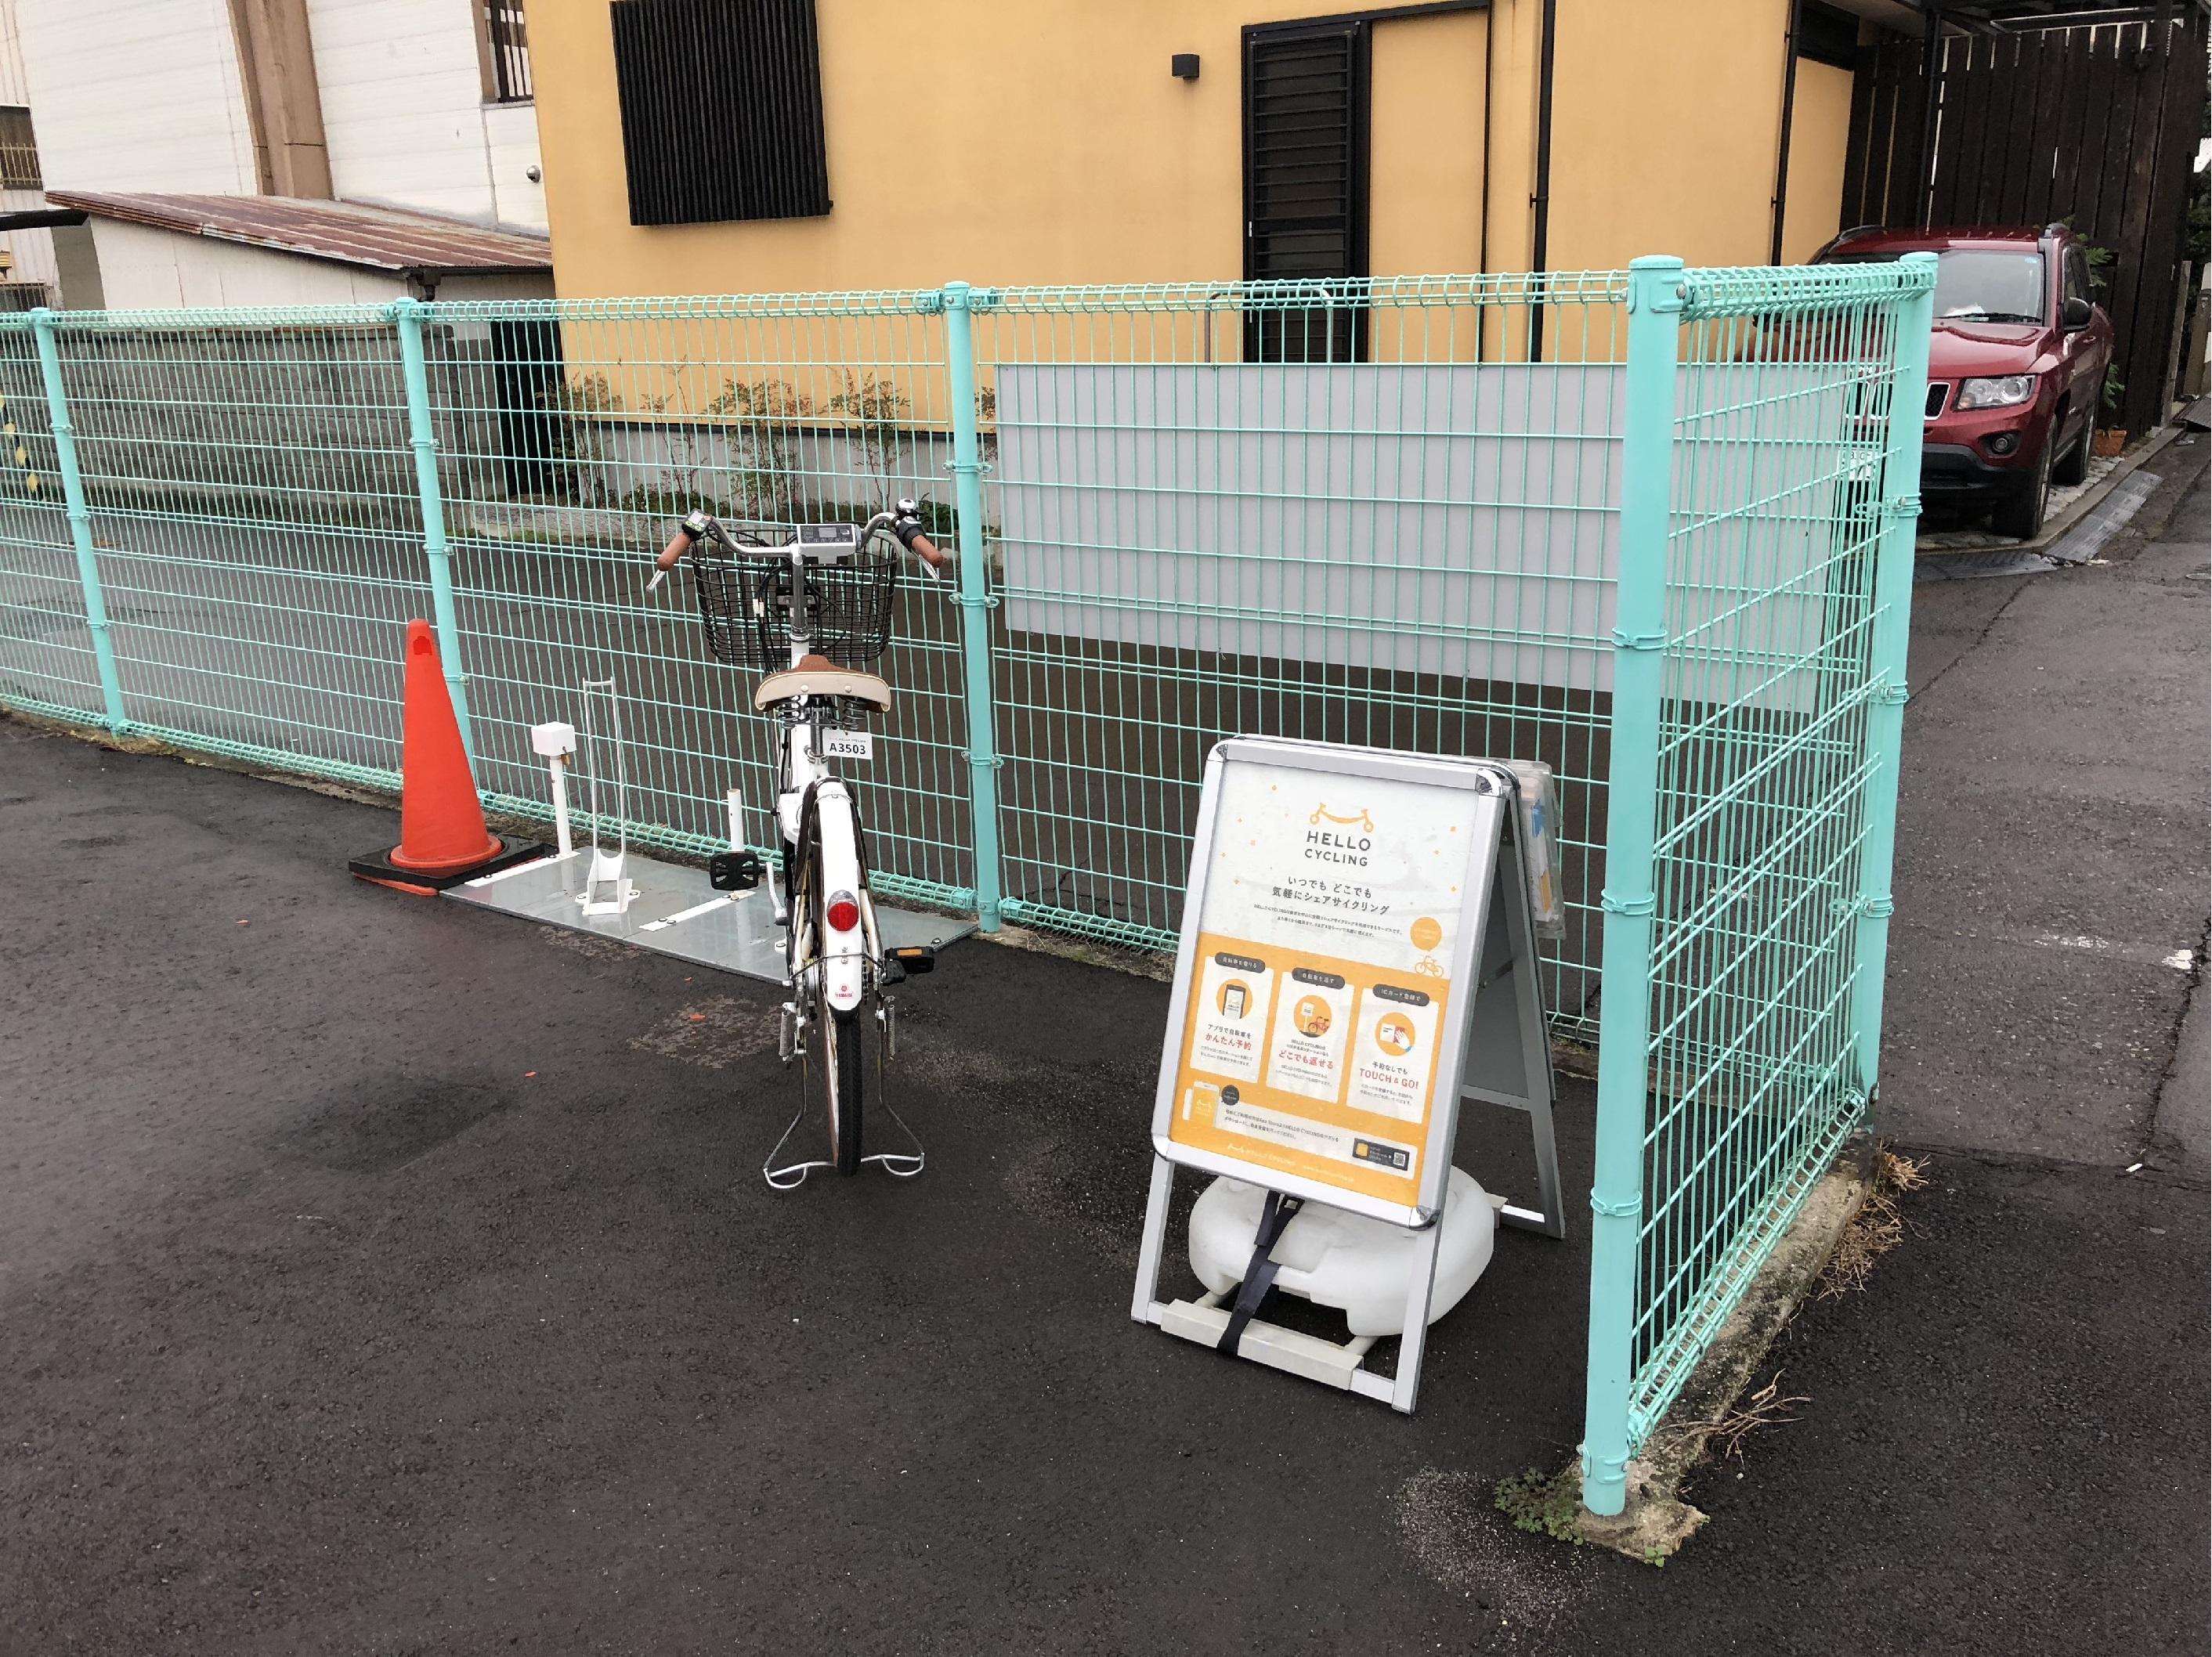 あなぶき錦町第14パーキング (HELLO CYCLING ポート) image